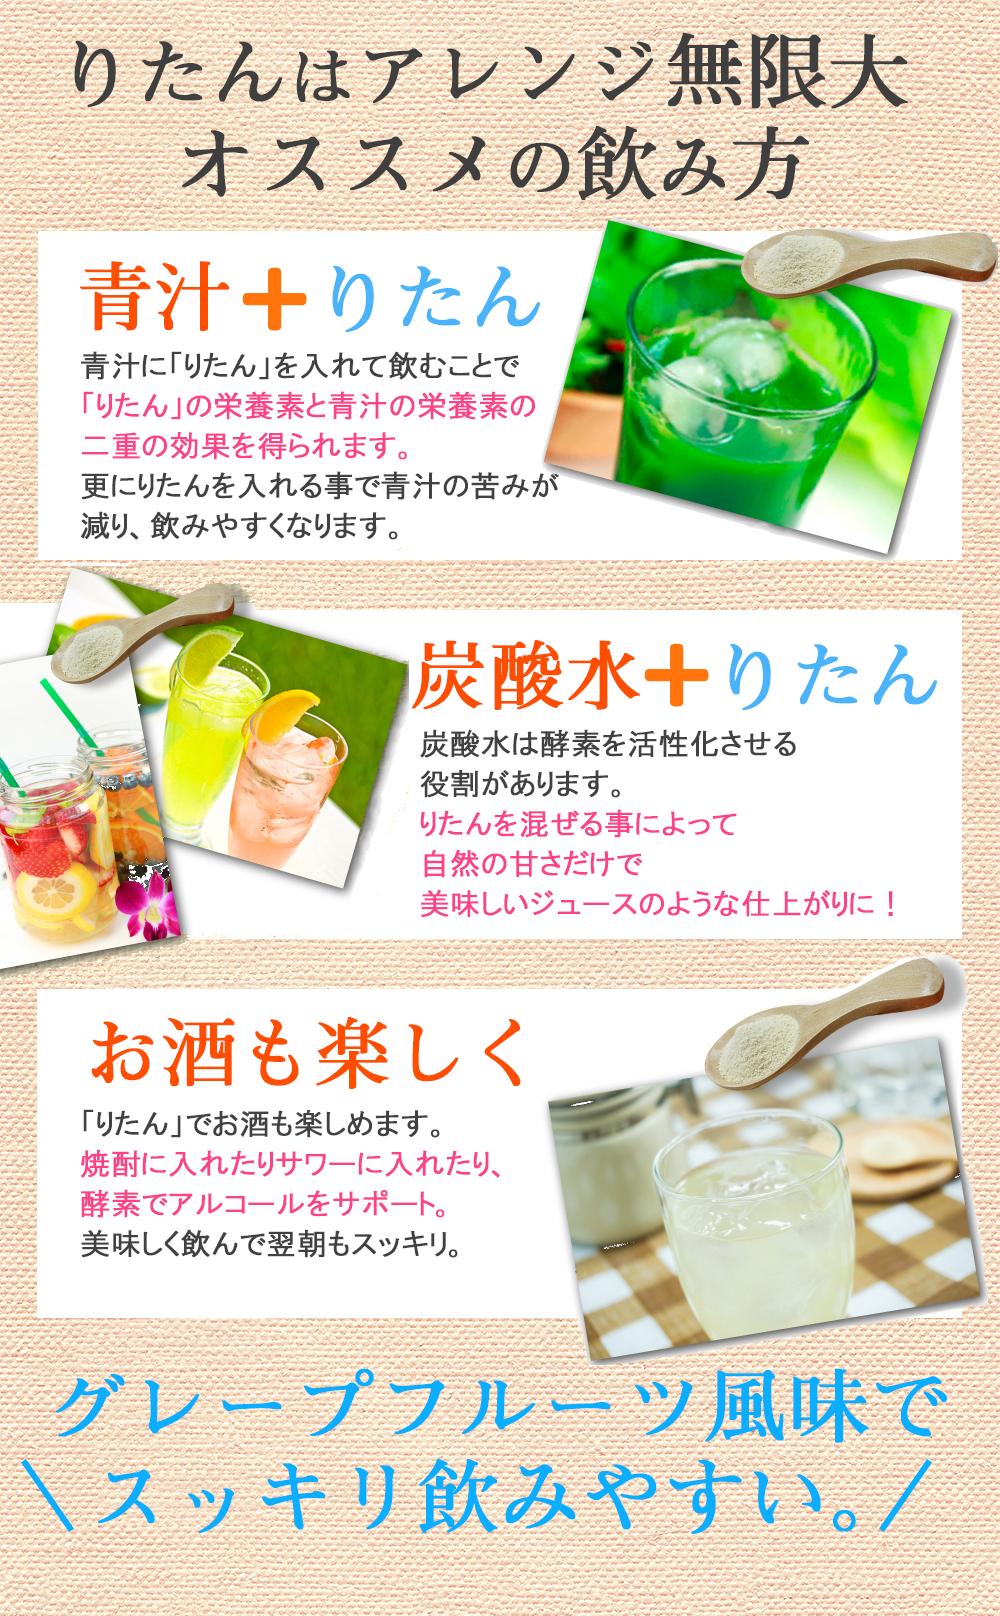 天然酵素りたんの飲み方アレンジ紹介